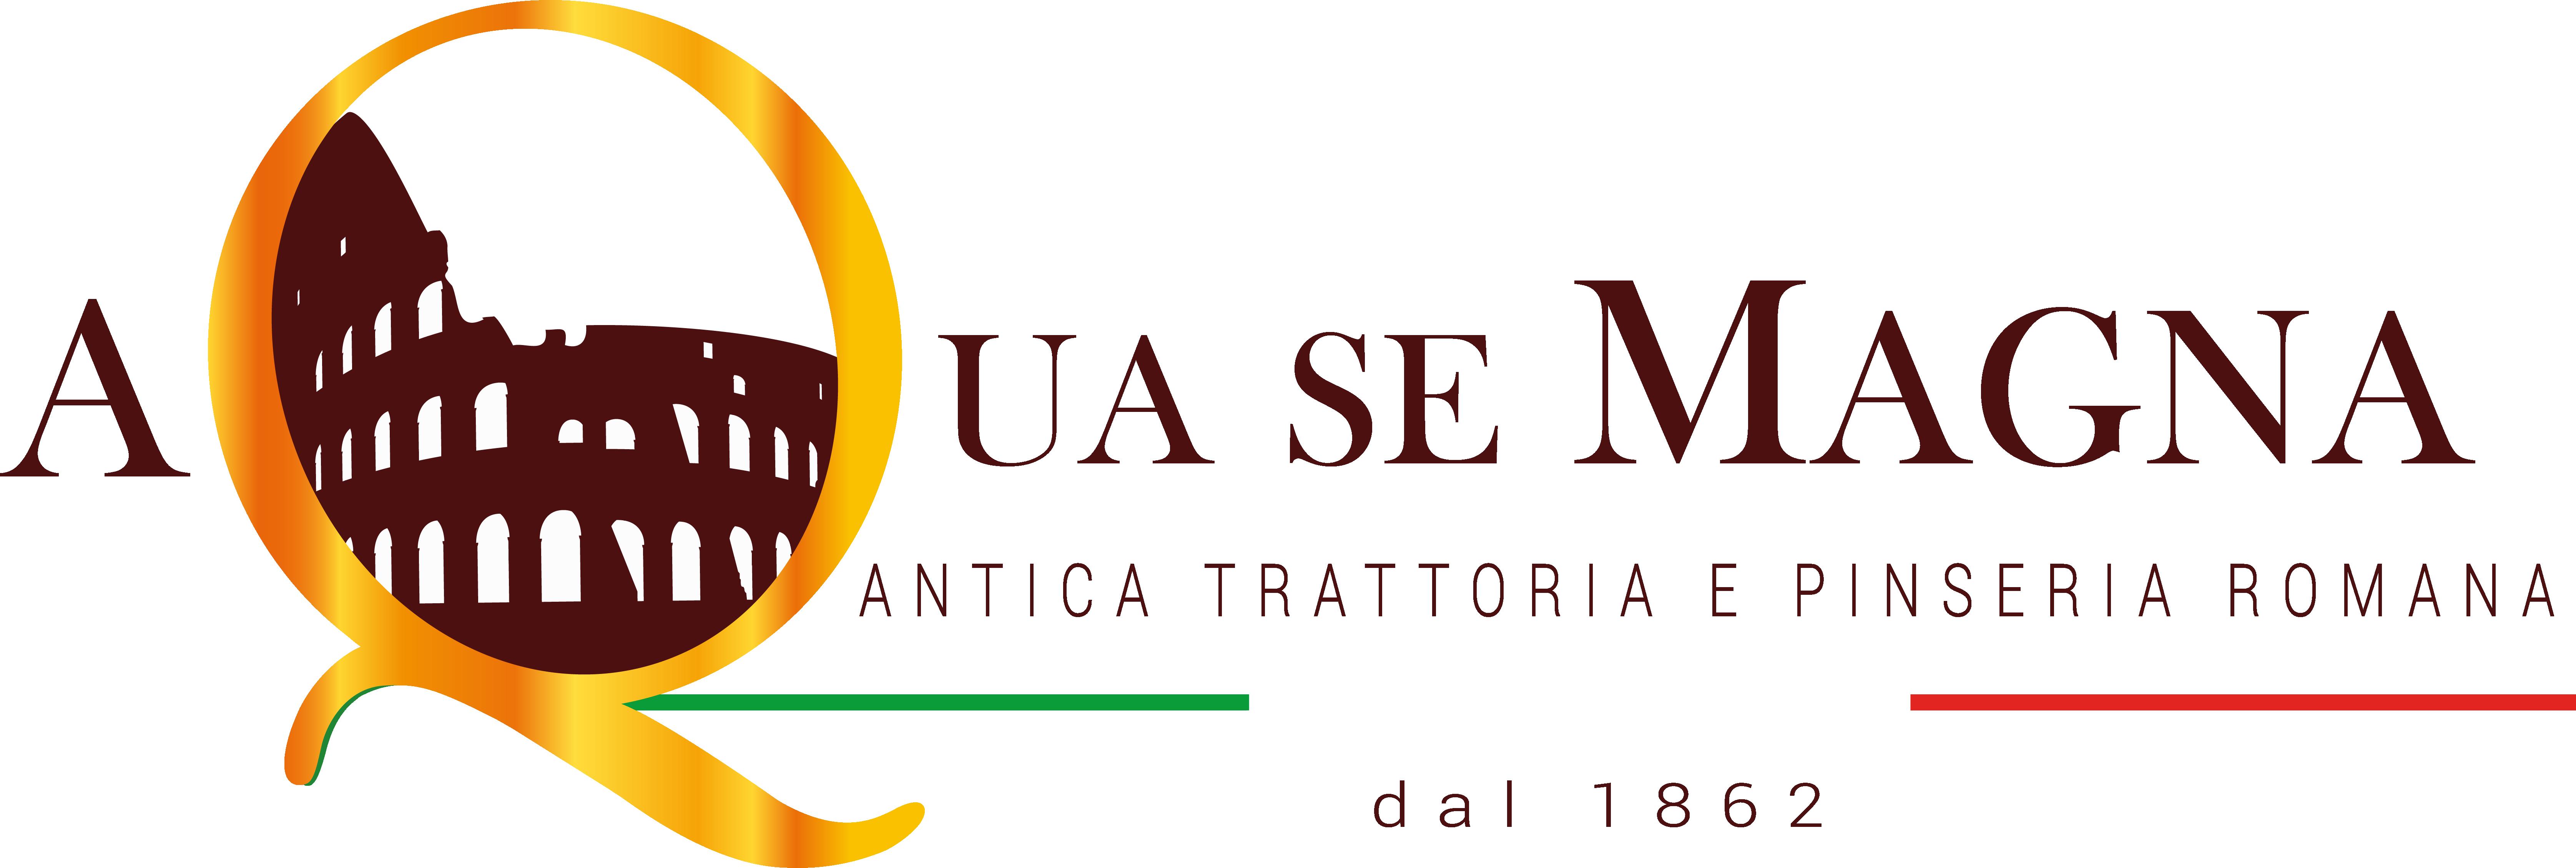 Aquasemagna Logo